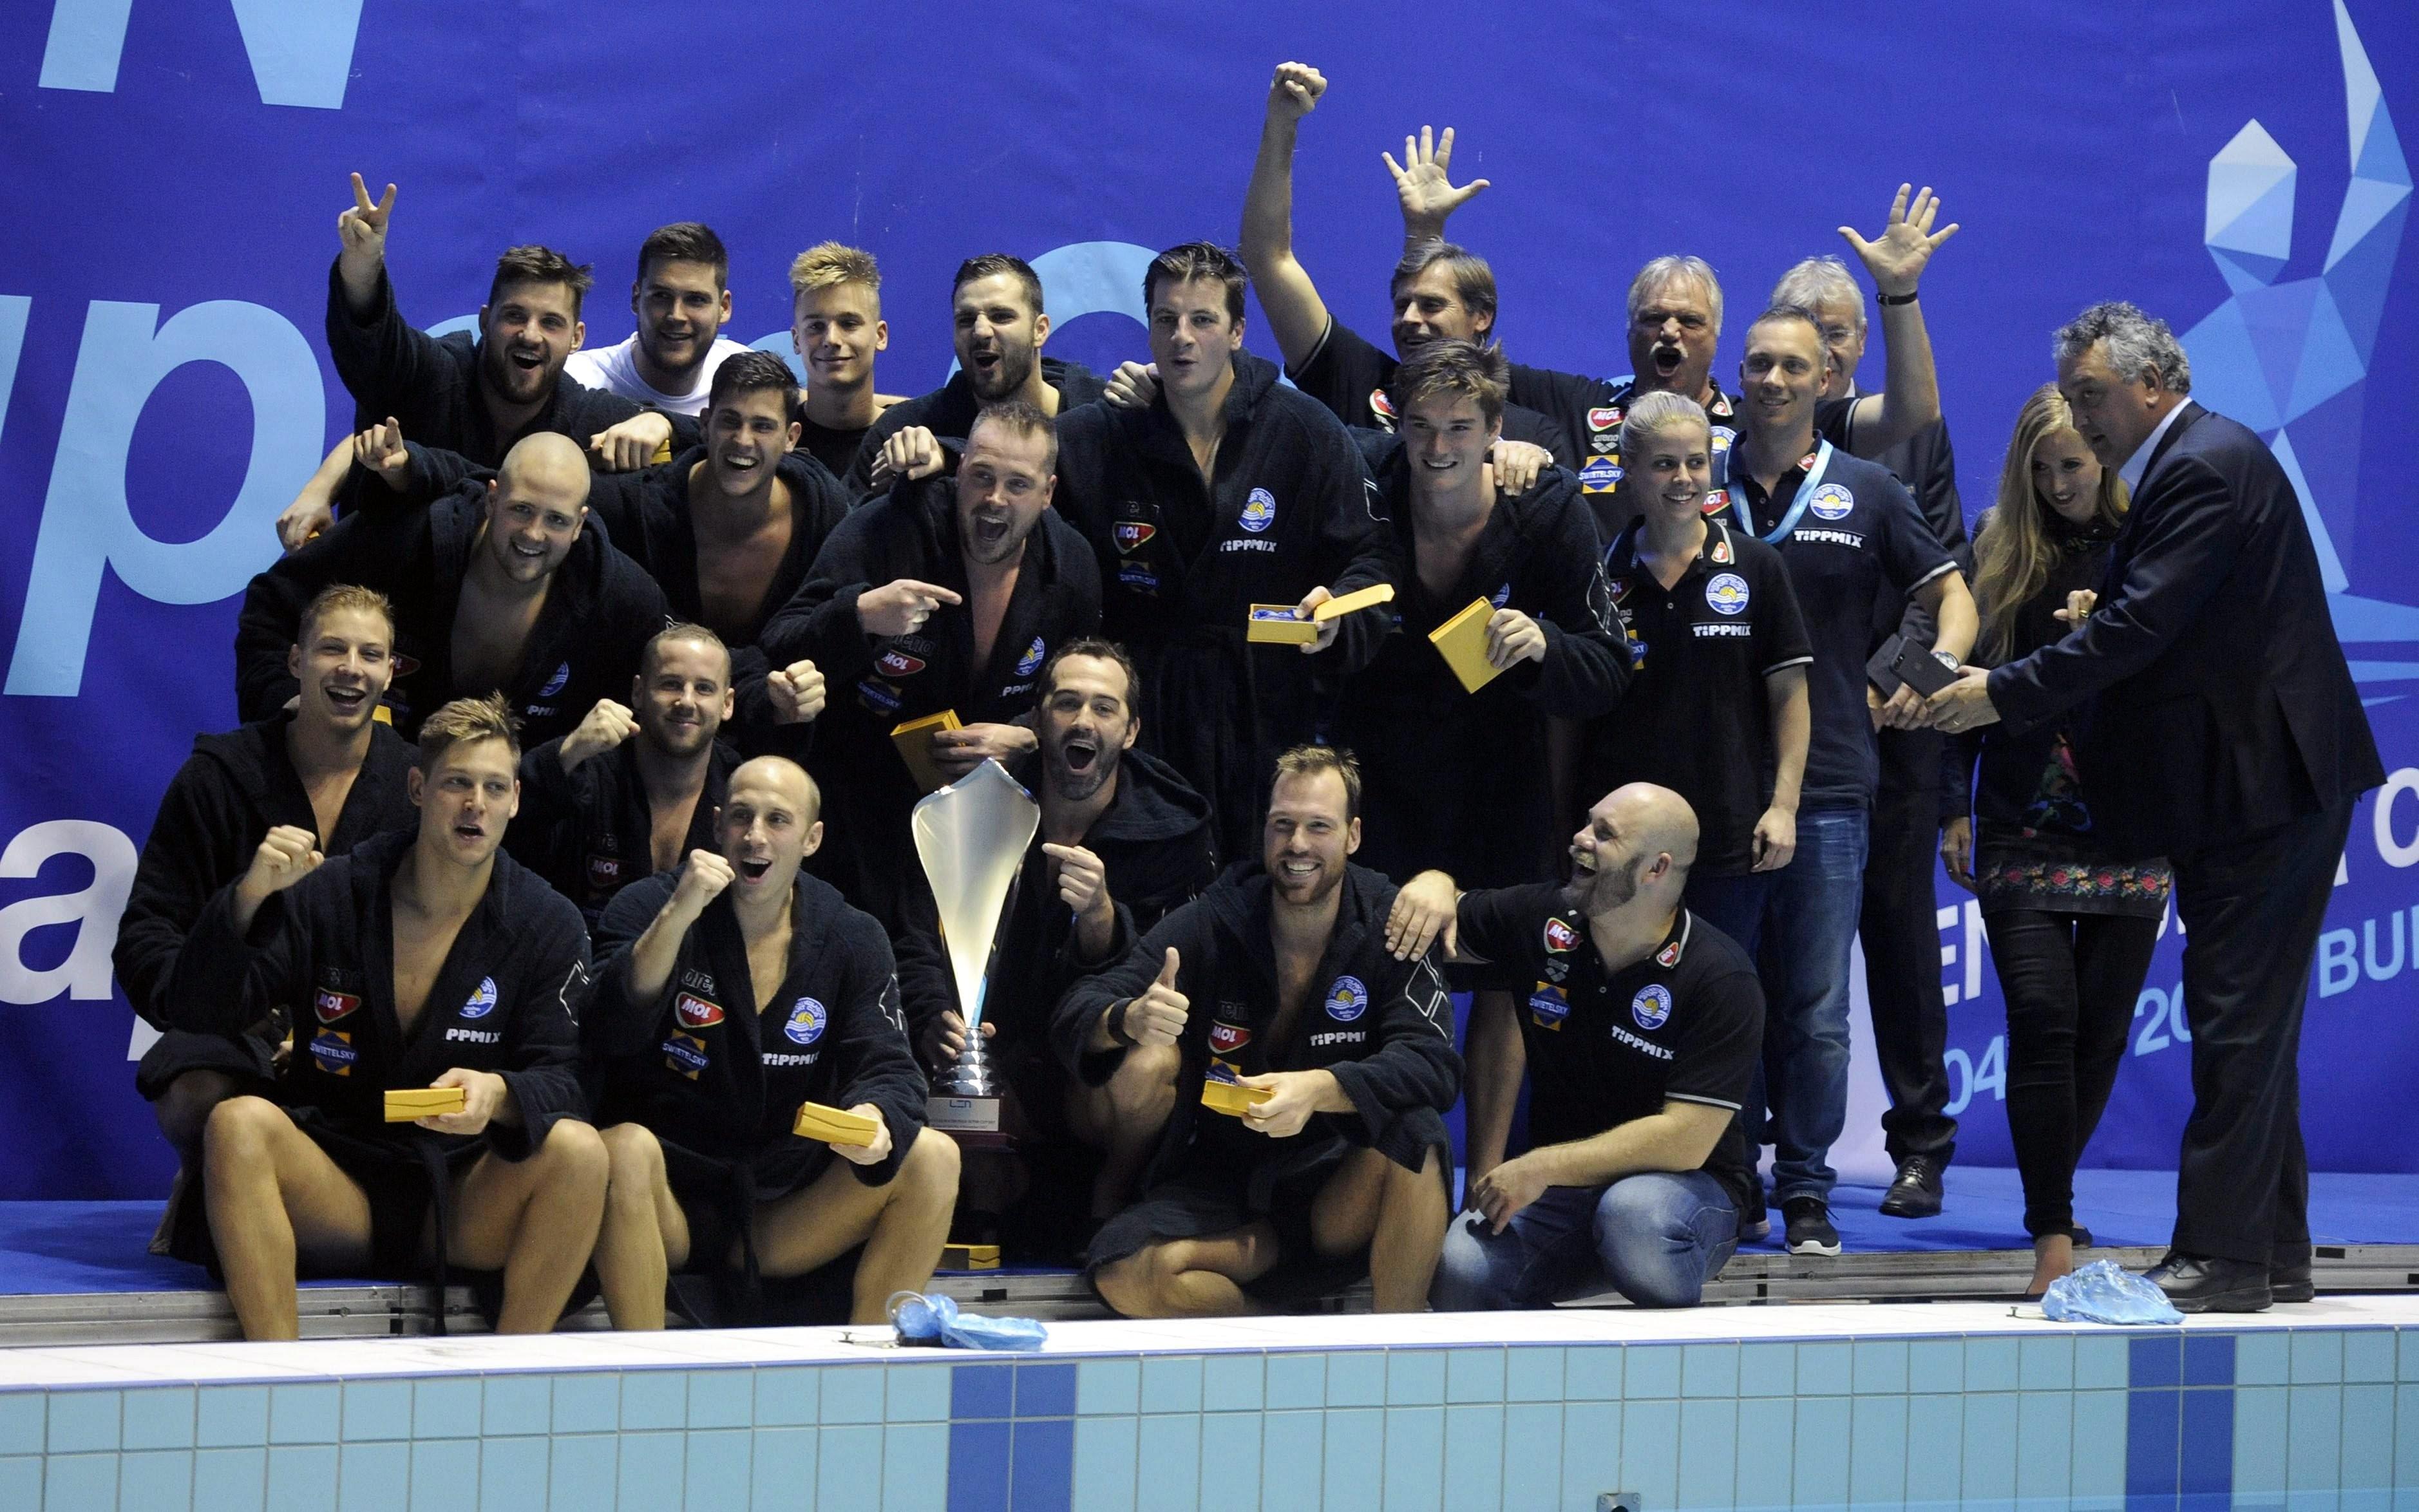 A Szolnok nyerte a Szuperkupa döntőt